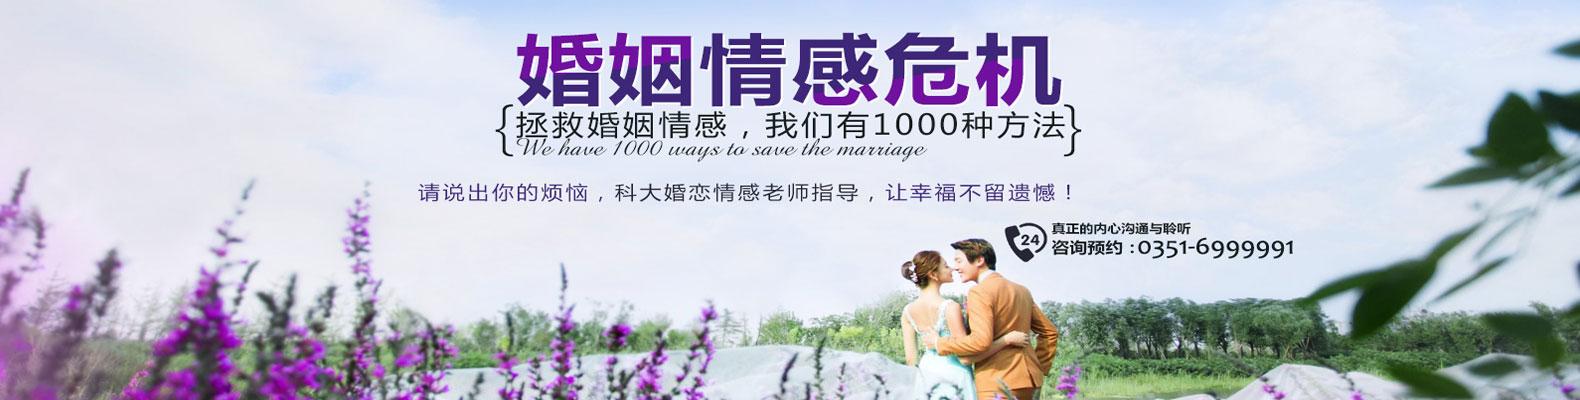 拯救婚姻情感,科大有1000种方法